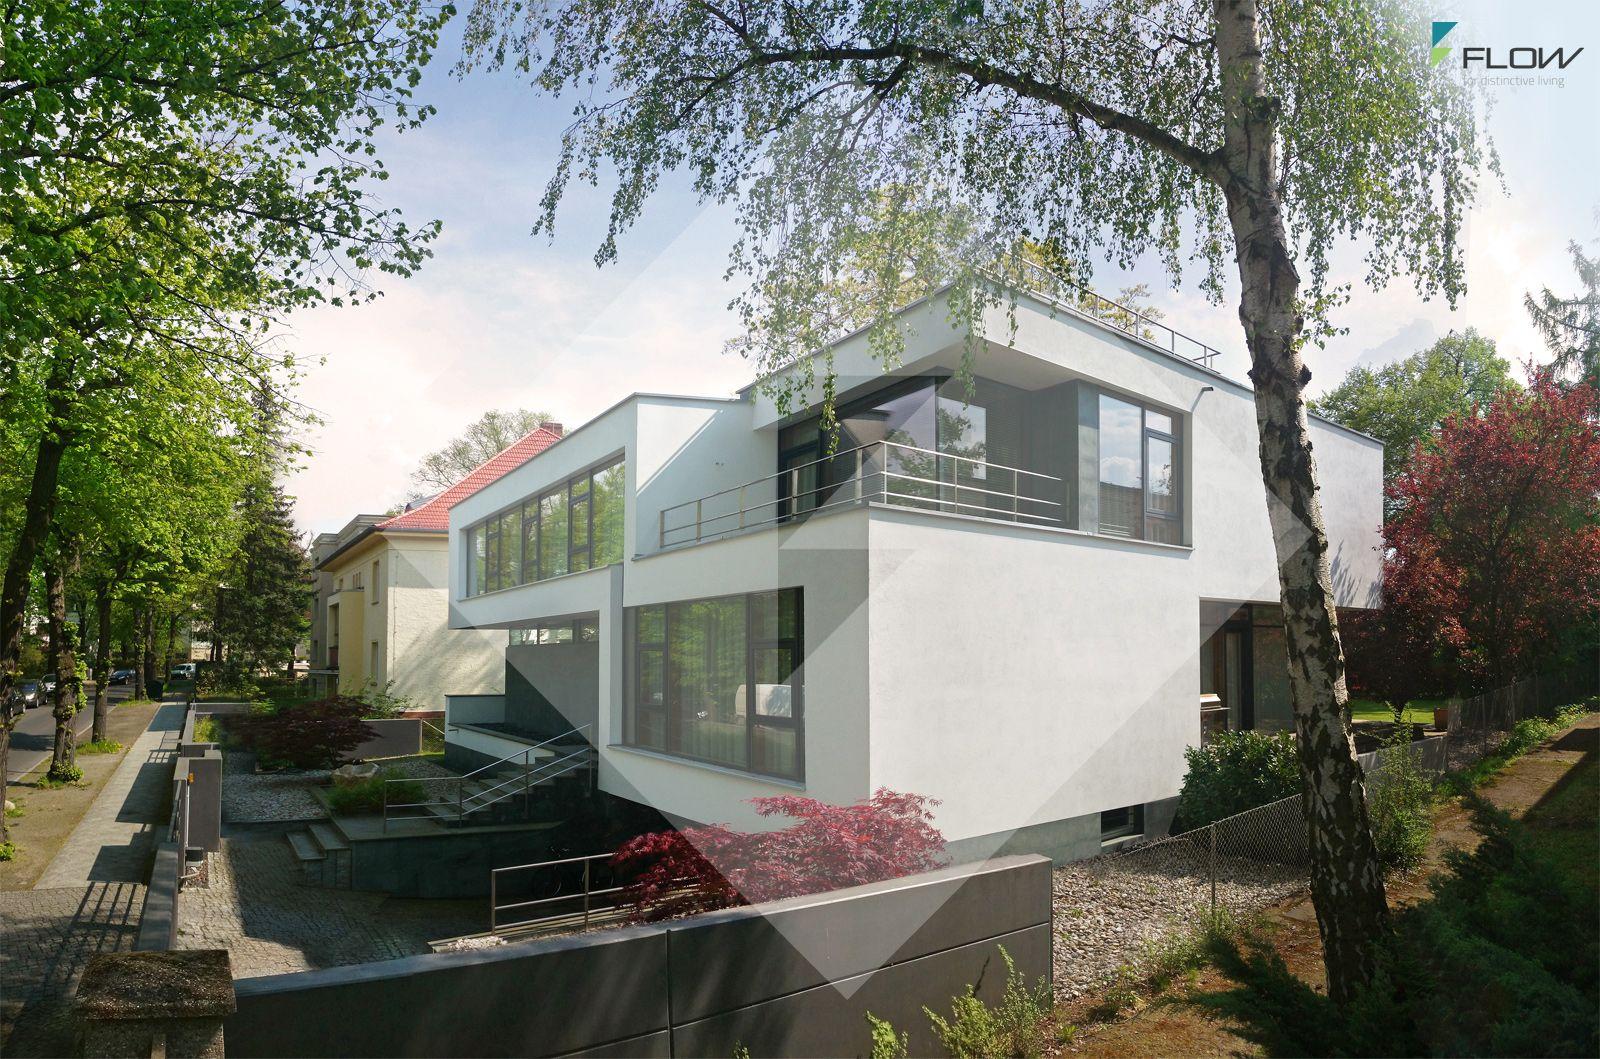 Zeitgenössische Architektenvilla in Berlin by www.flow-architektur ...